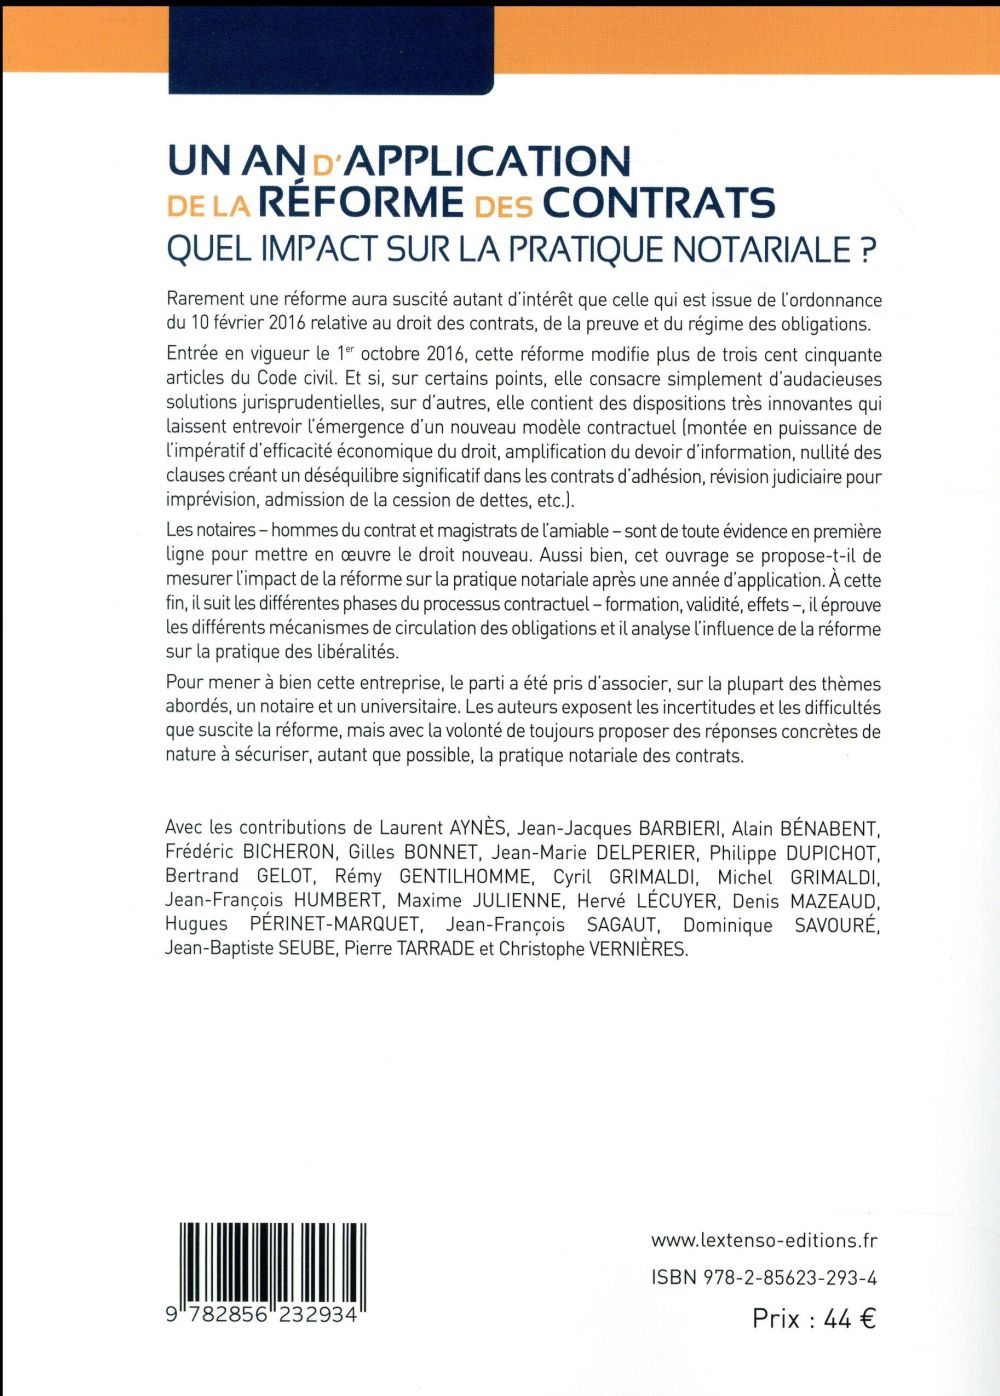 Un an d'application de la réforme des contrats ; quel impact sur la pratique notariale ?